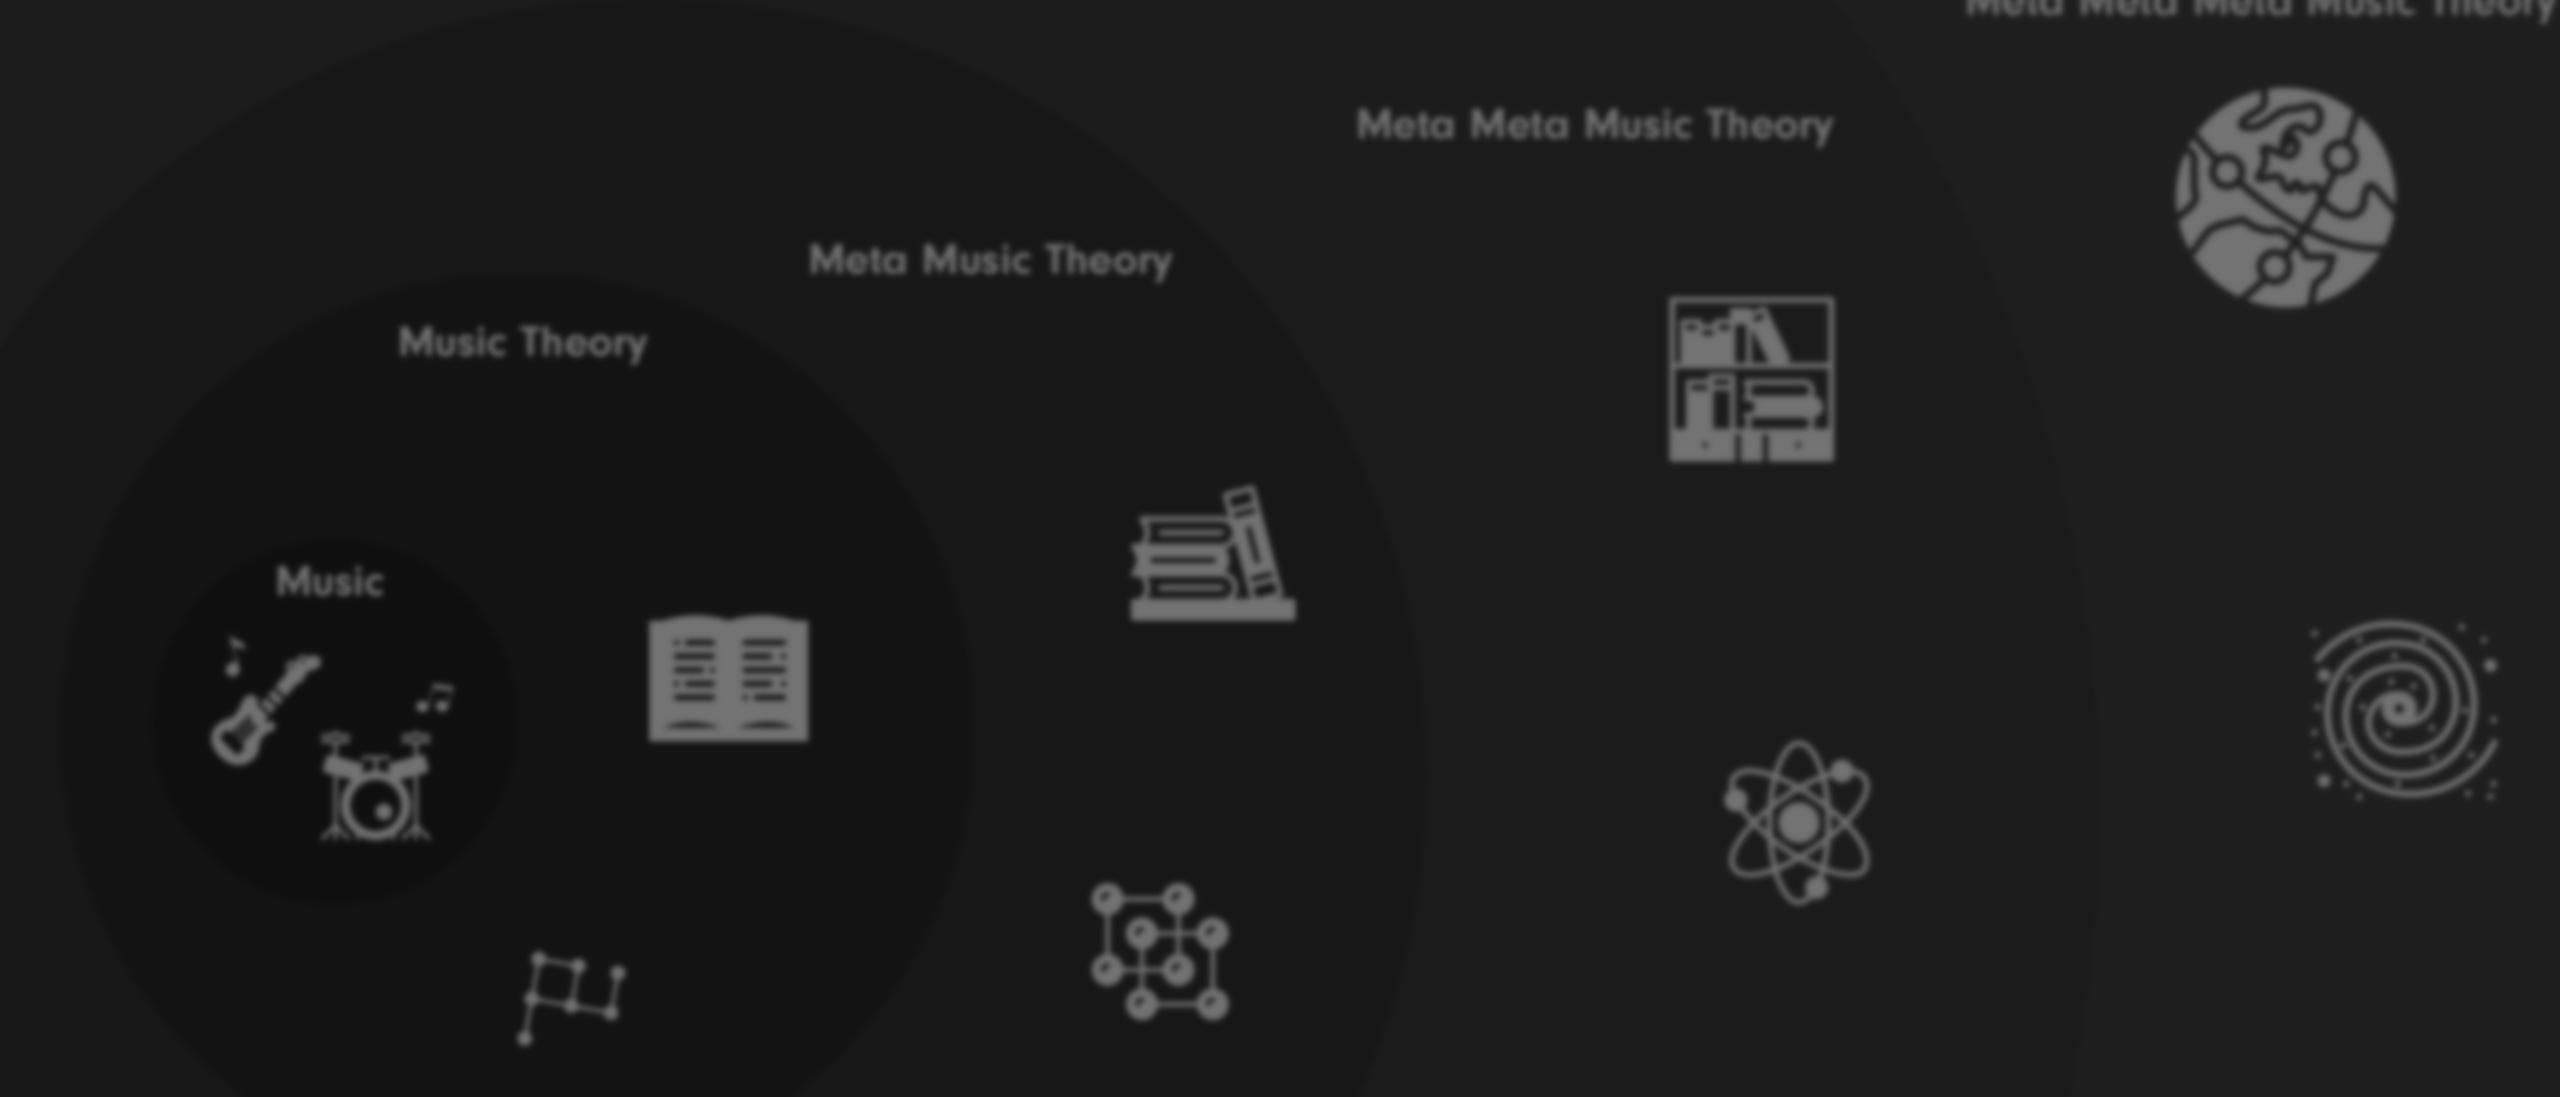 メタ音楽理論 ❶フェイズとイズム